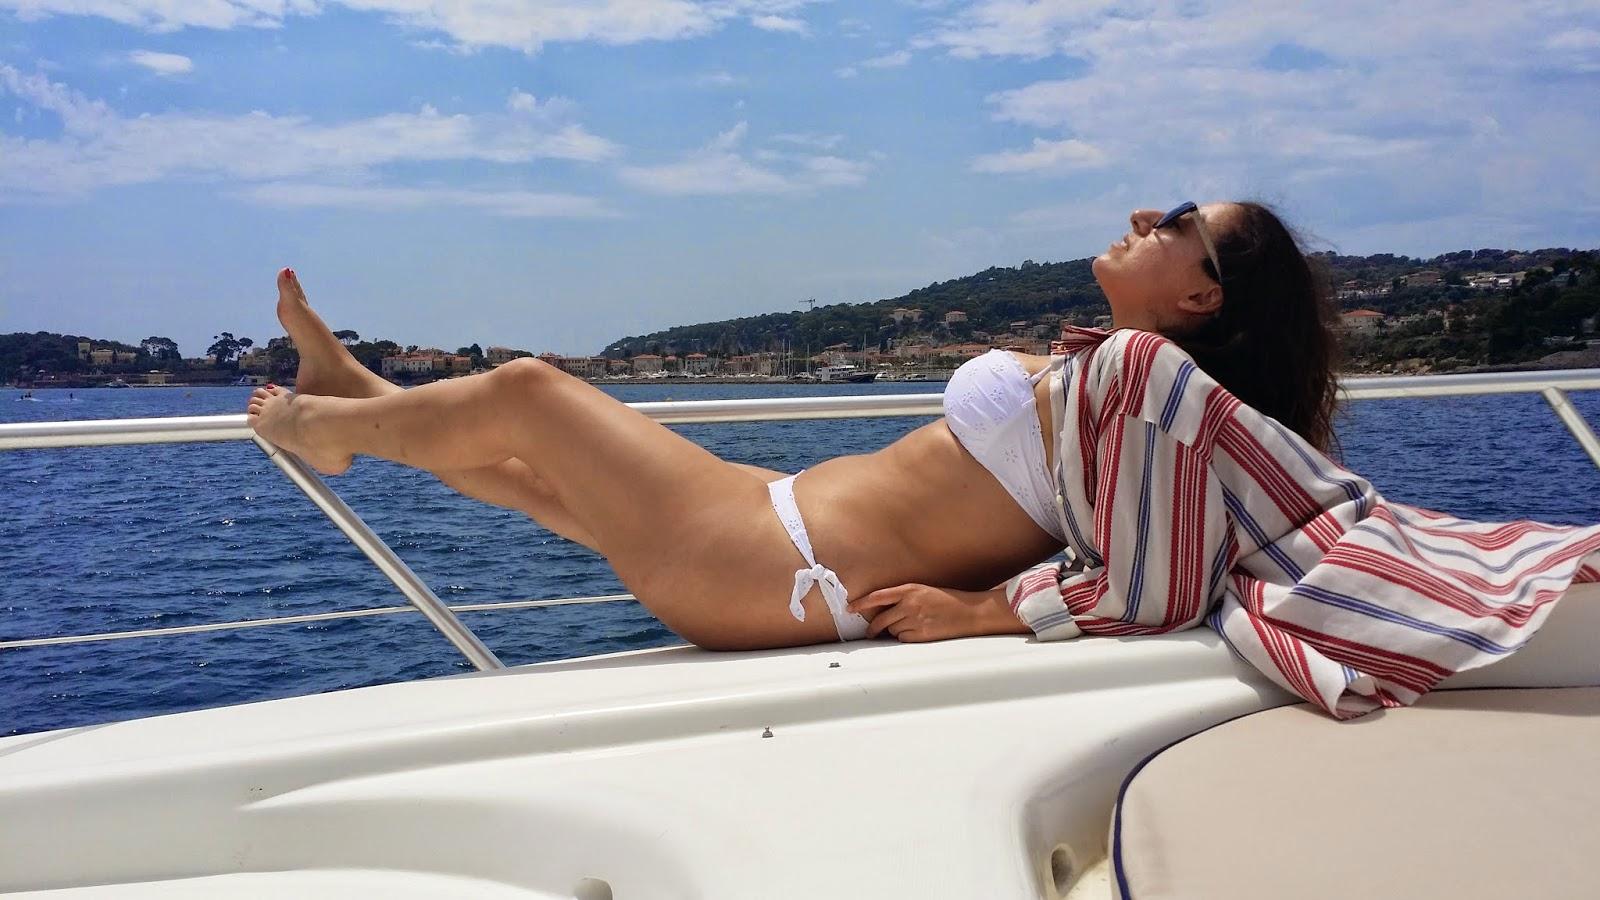 montecarlo yacht costa azzurra, veronique tres jolie